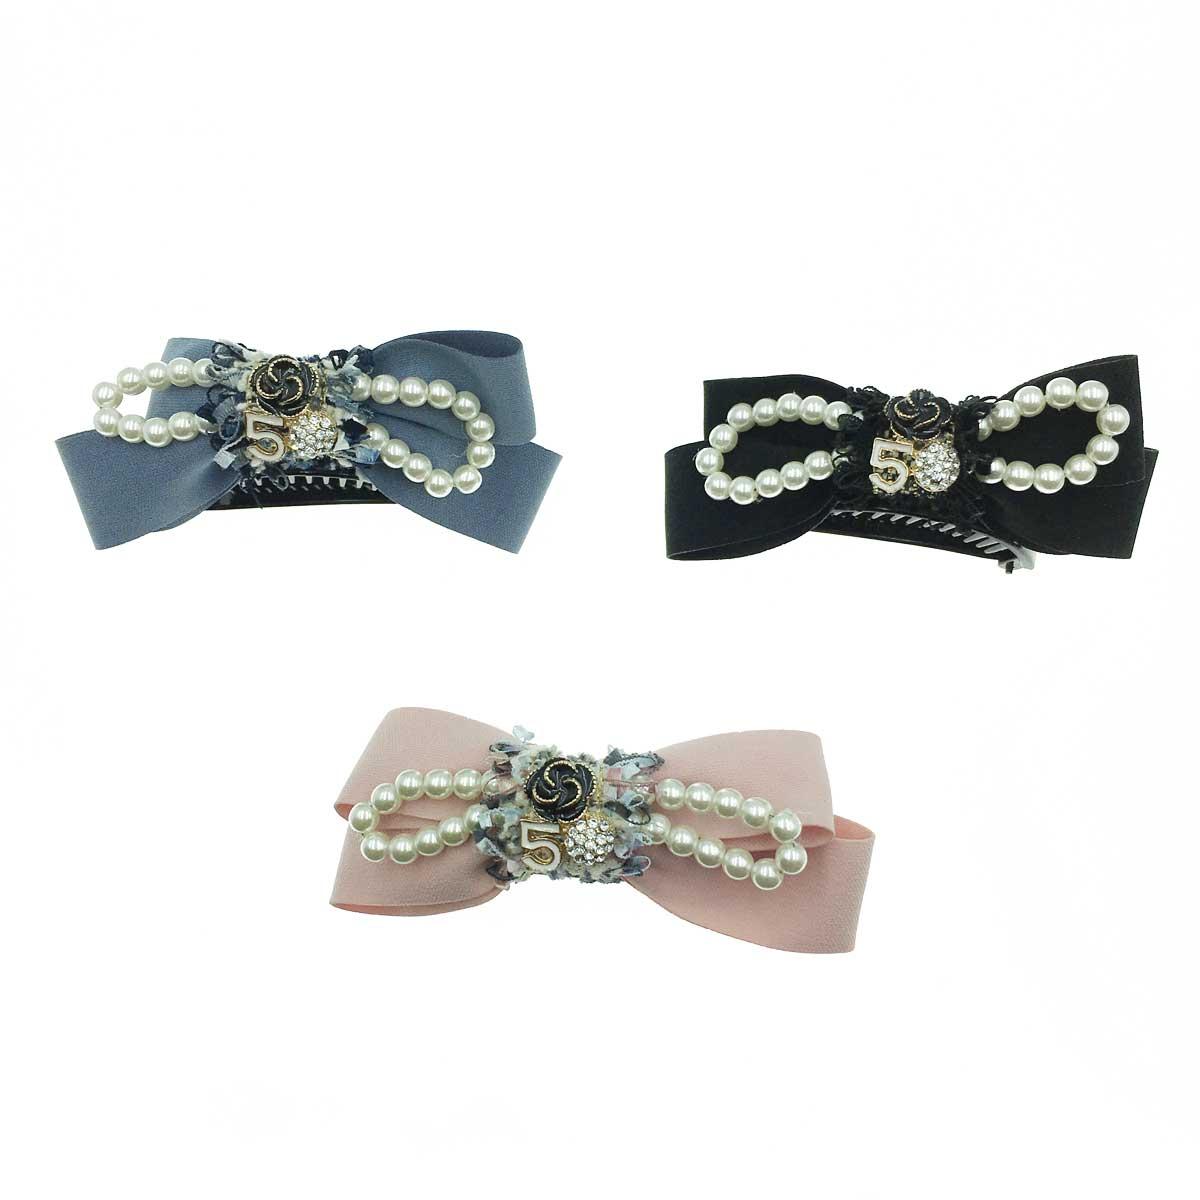 韓國 春季款 華麗小香風 抽鬚 碎花布 珍珠素色質感馬尾夾